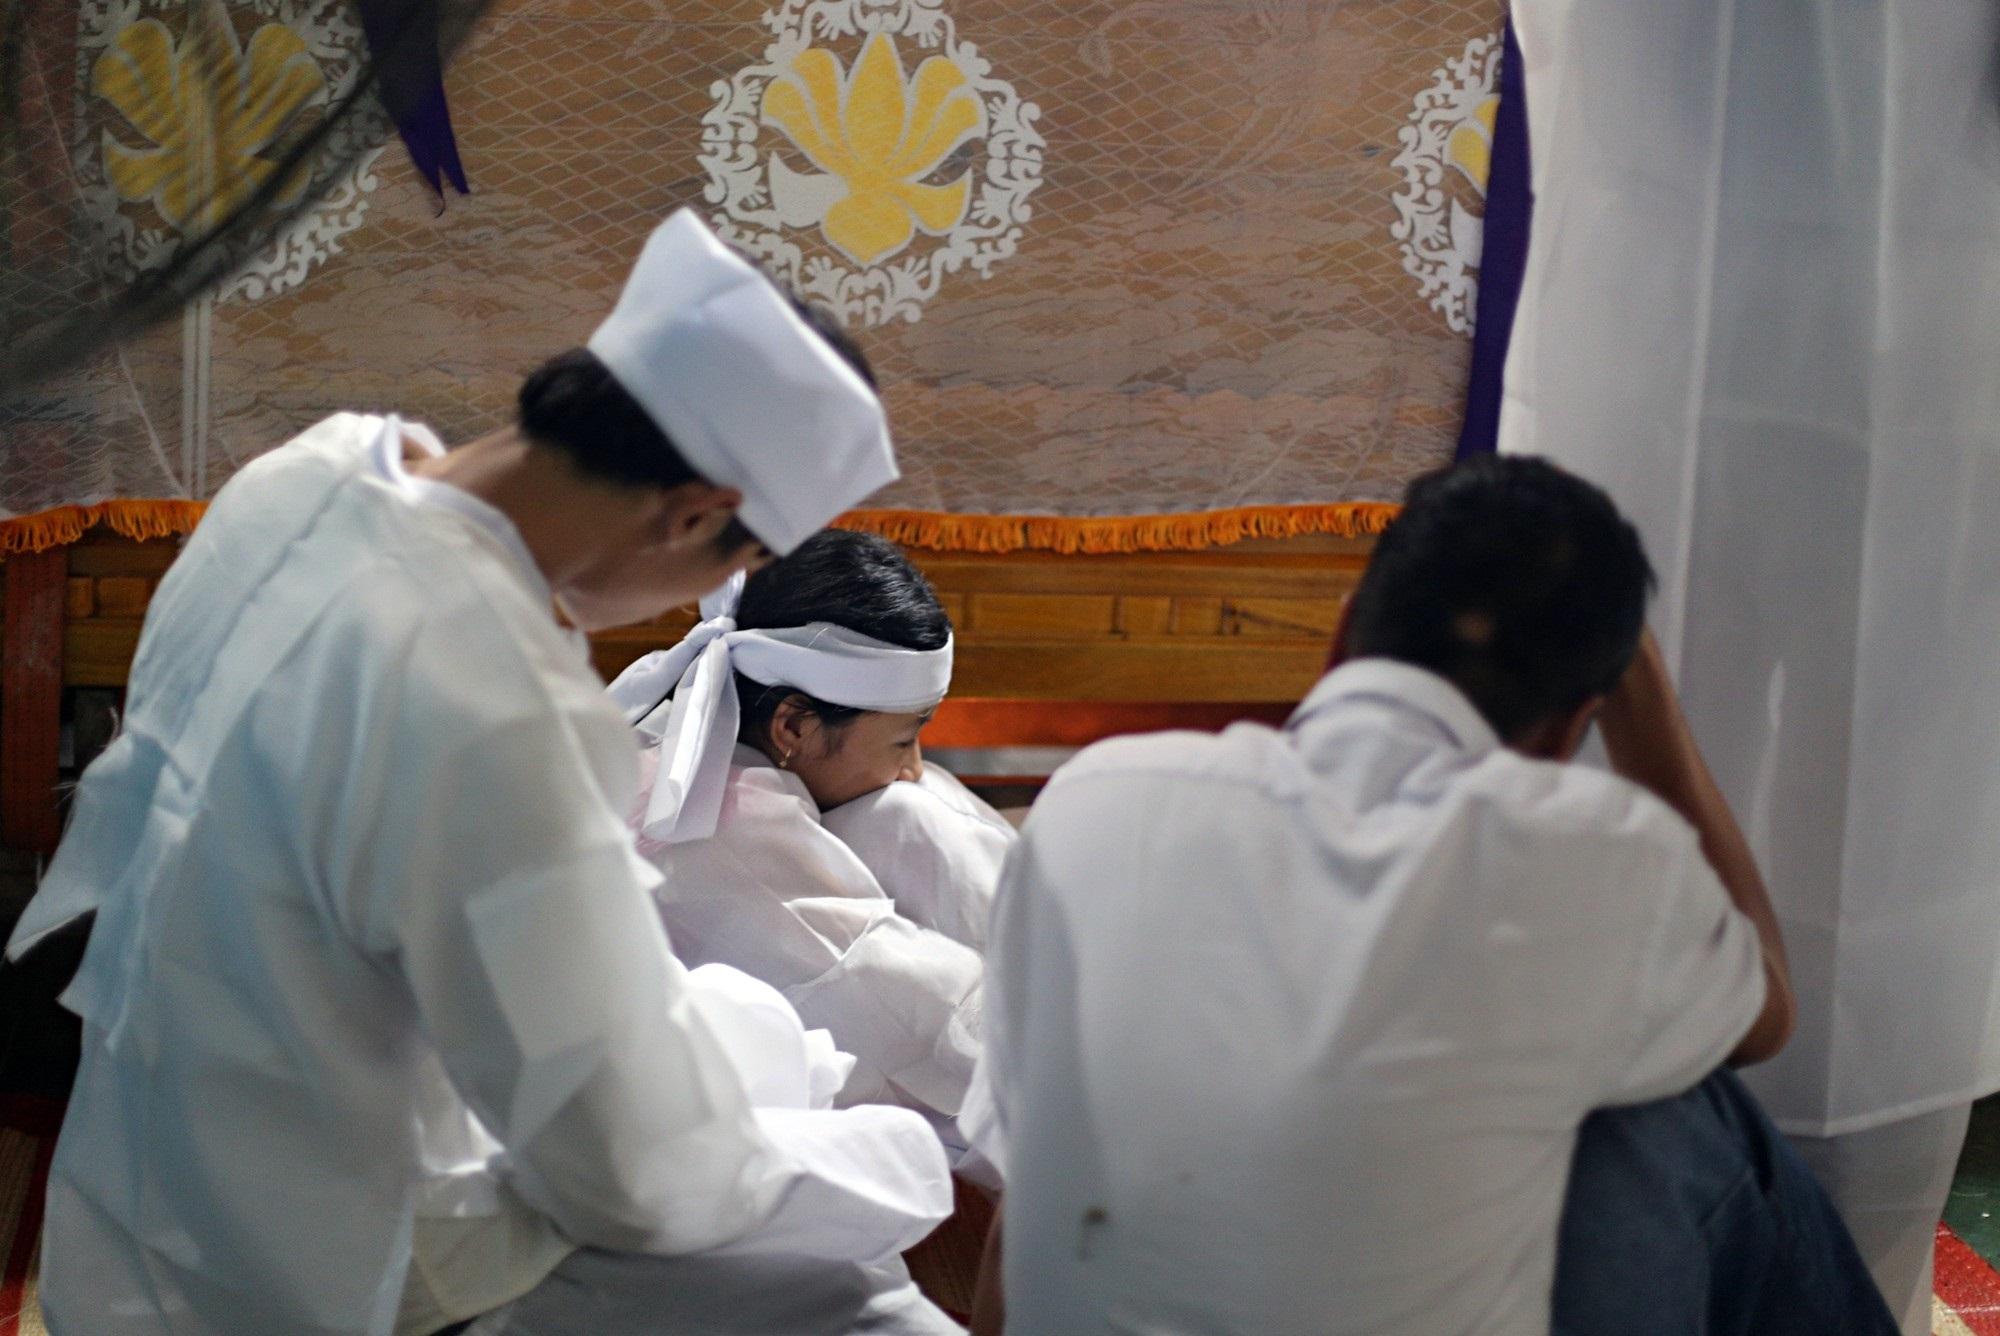 Vụ chú rể và 12 người thân trong đoàn rước dâu tử vong vì tai nạn: Những đứa trẻ bỗng chốc... mồ côi - Ảnh 6